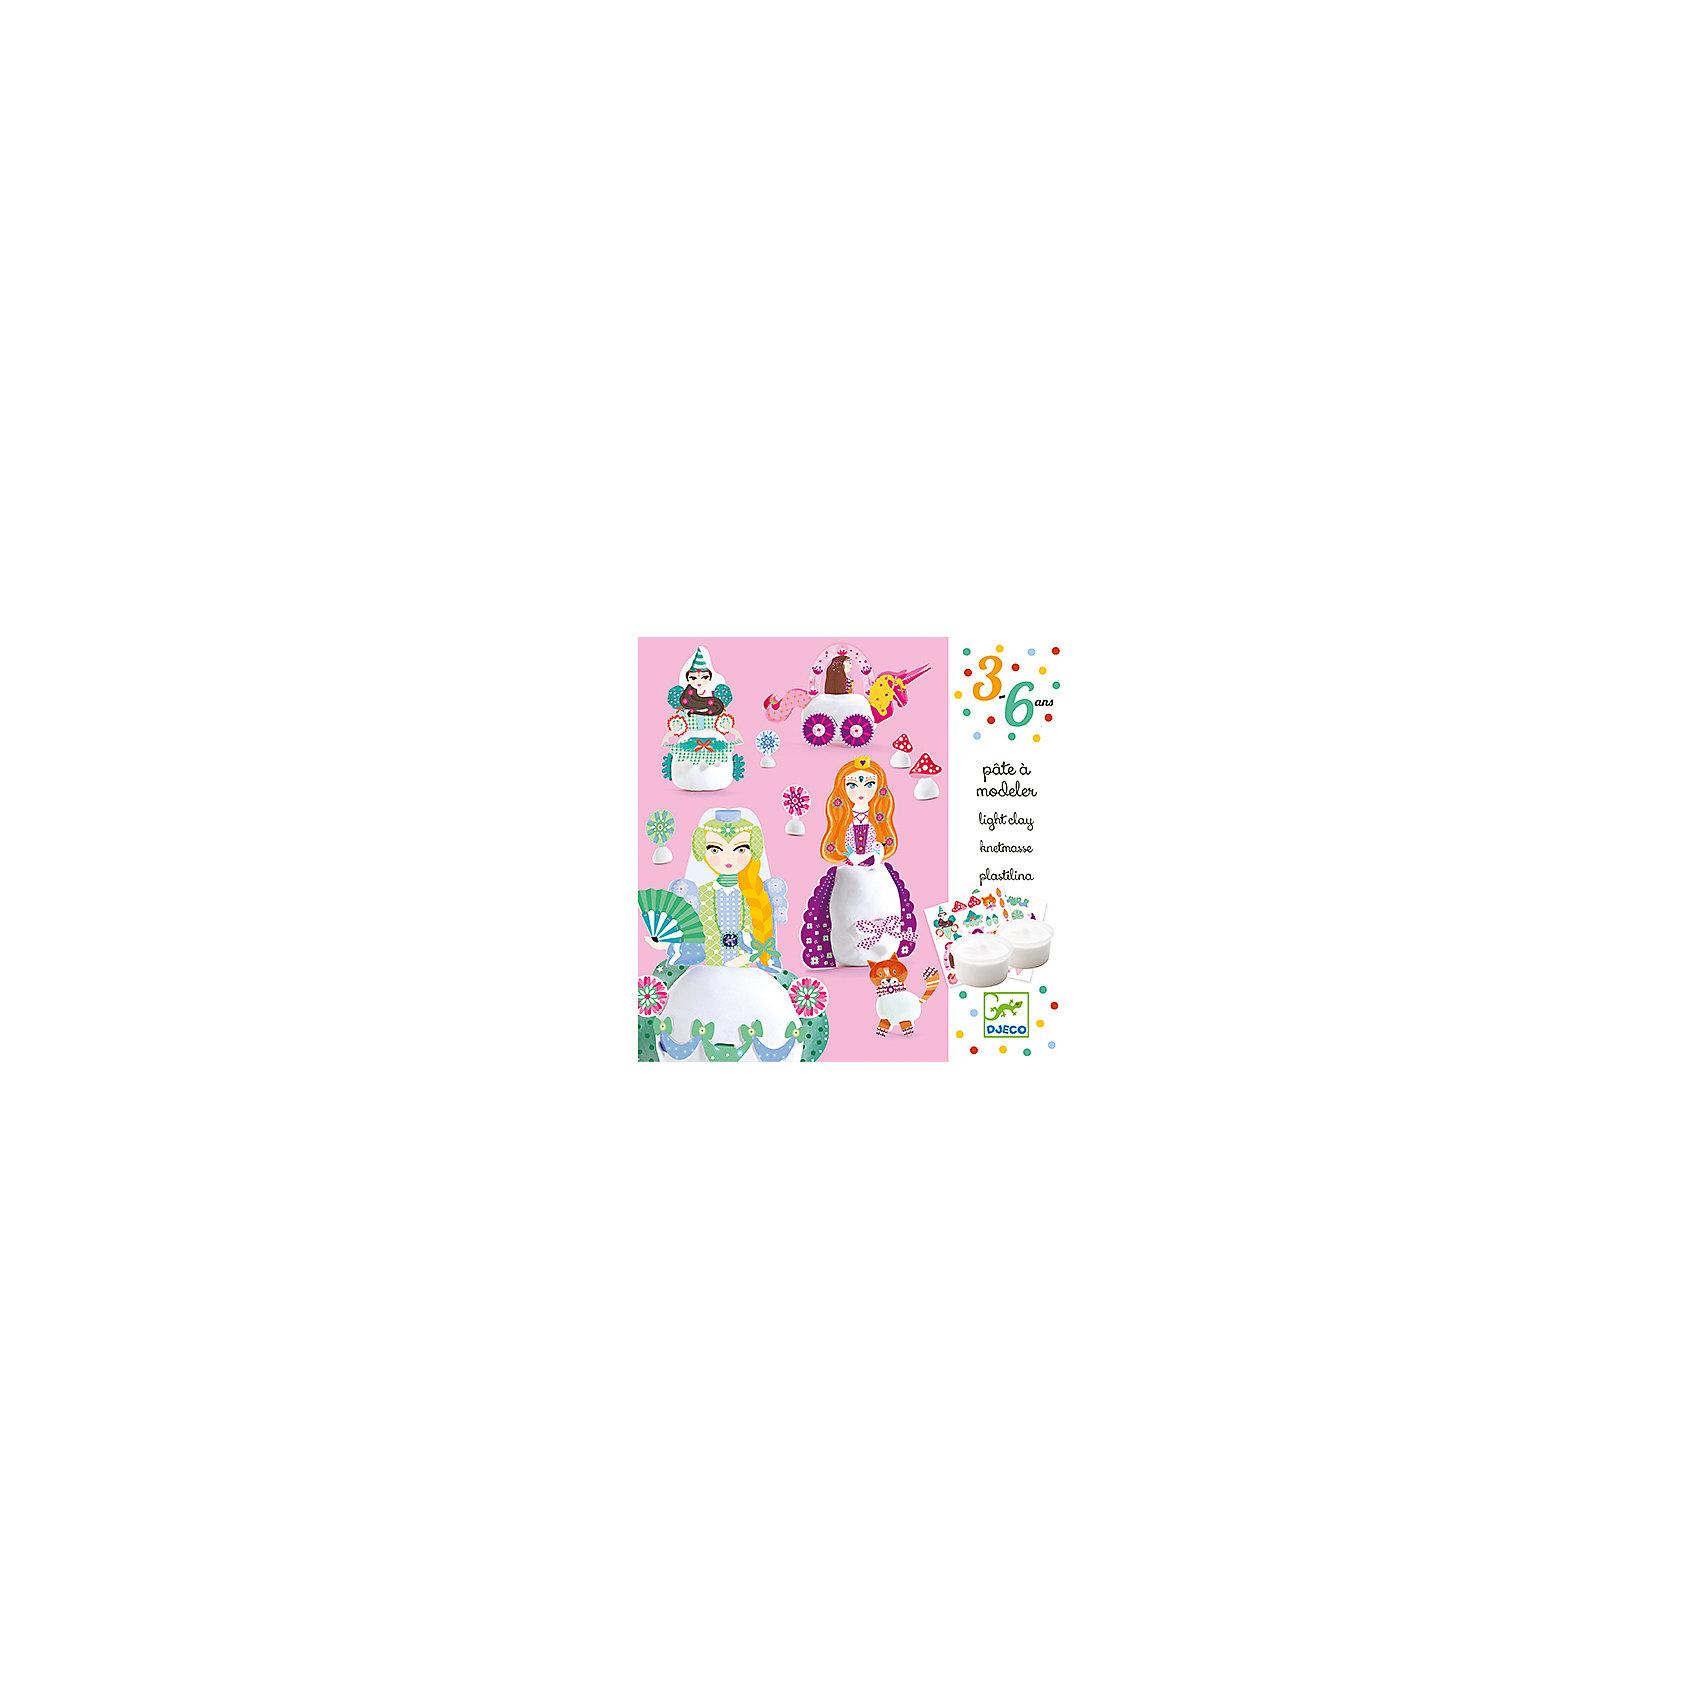 Набор для творчества с пластилином ПринцессыЛепка<br>Набор для творчества с пластилином Принцессы – это прекрасный набор для создания фигурок из пластилина.<br>Набор для творчества с пластилином Принцессы от французской компании Djeco (Джеко) откроет для ребенка новый увлекательный способ самовыражения. Используя мягкий пластилин и яркие детали, Ваша девочка сможет создавать фигурки очаровательных принцесс, кота, цветочков и грибочков. Нужно всего лишь скатать шарик или овал, прикрепить к нему детали и фигурки готовы. Создавать фигурки можно, следуя примерам из буклета, или, проявив свою фантазию. В результате получатся милые игрушки. Изготовленные из пластилина фигурки застывают на воздухе. Набор для творчества Принцессы поможет в развитии мелкой моторики рук, усидчивости и творческих способностей.<br><br>Дополнительная информация:<br><br>- В наборе: 2 баночки пластилина из натуральных ингредиентов (30 мл) белого цвета, дополнительные аксессуары из картона для украшения, подробная пошаговая инструкция<br>- Размер упаковки: 15 х 15 х 5 см.<br>- Вес: 310 гр.<br><br>Набор для творчества с пластилином Принцессы можно купить в нашем интернет-магазине.<br><br>Ширина мм: 150<br>Глубина мм: 150<br>Высота мм: 50<br>Вес г: 310<br>Возраст от месяцев: 36<br>Возраст до месяцев: 72<br>Пол: Женский<br>Возраст: Детский<br>SKU: 4305767